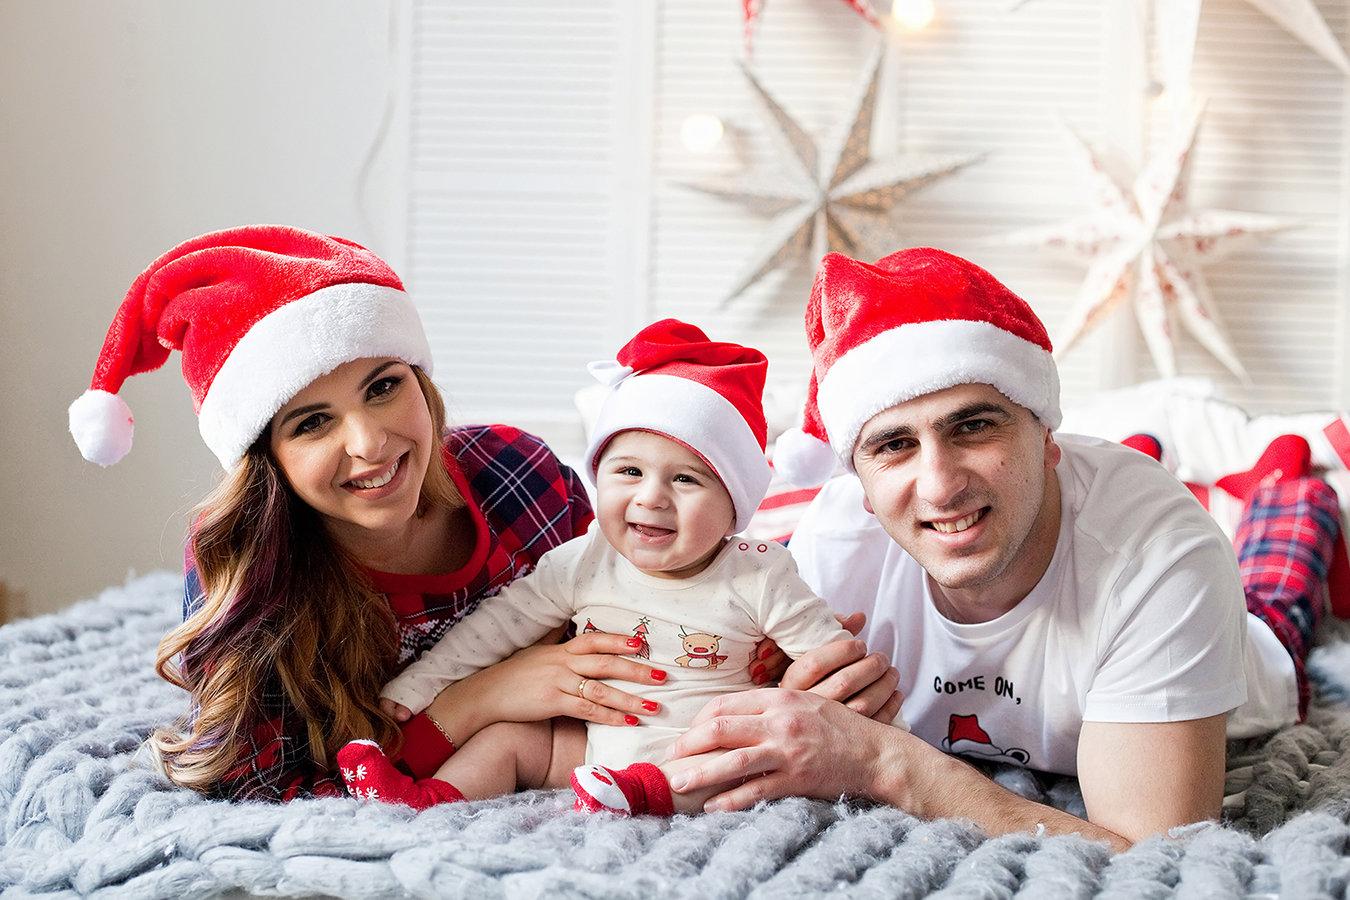 новогодняя фотосессия идеи для семьи фото течение всей жизни